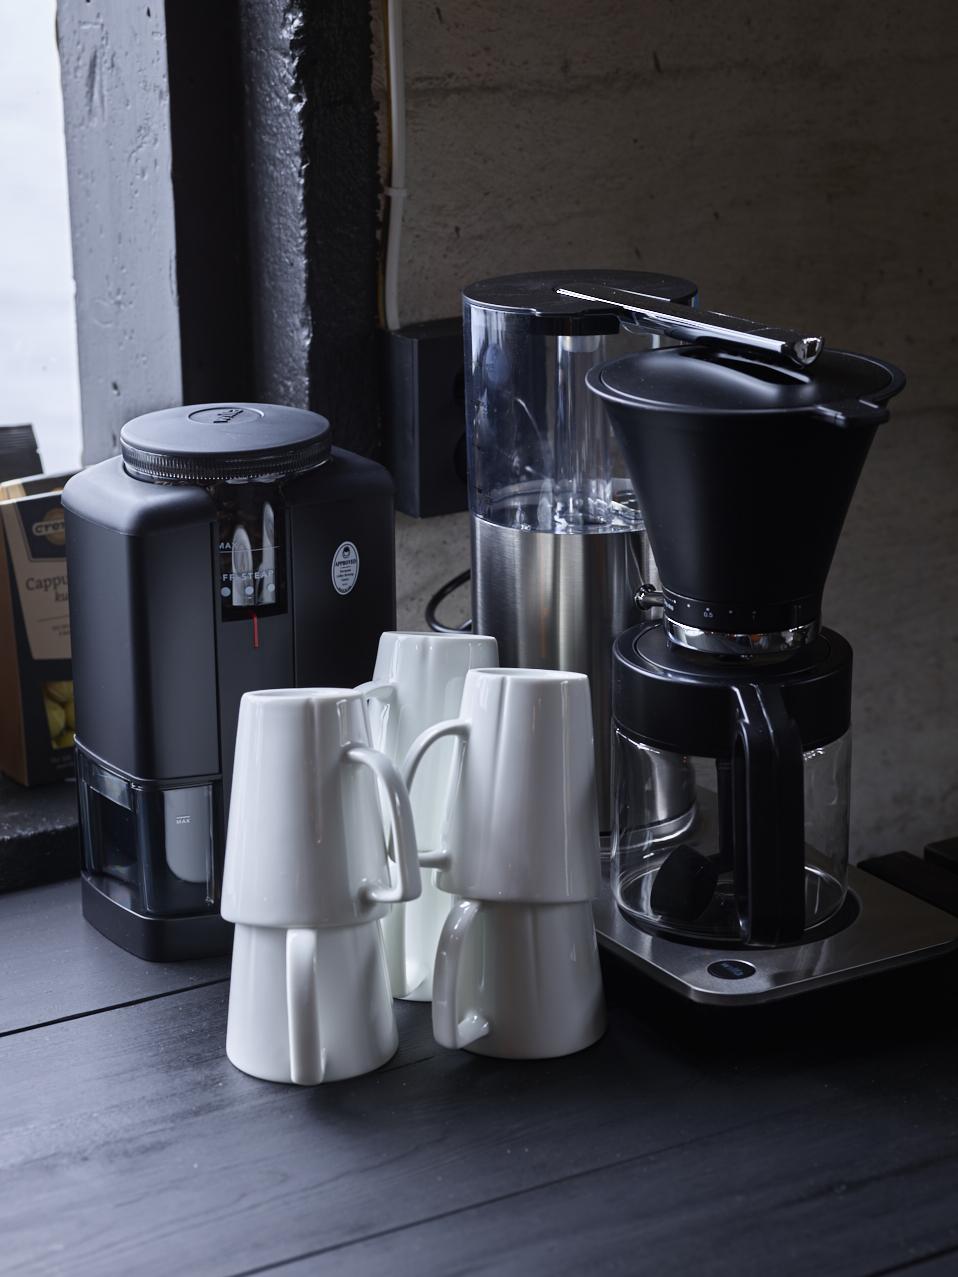 En flott kaffetrakter i børstet stål kan gjøre seg som et fint designelement på kjøkkenbenken.